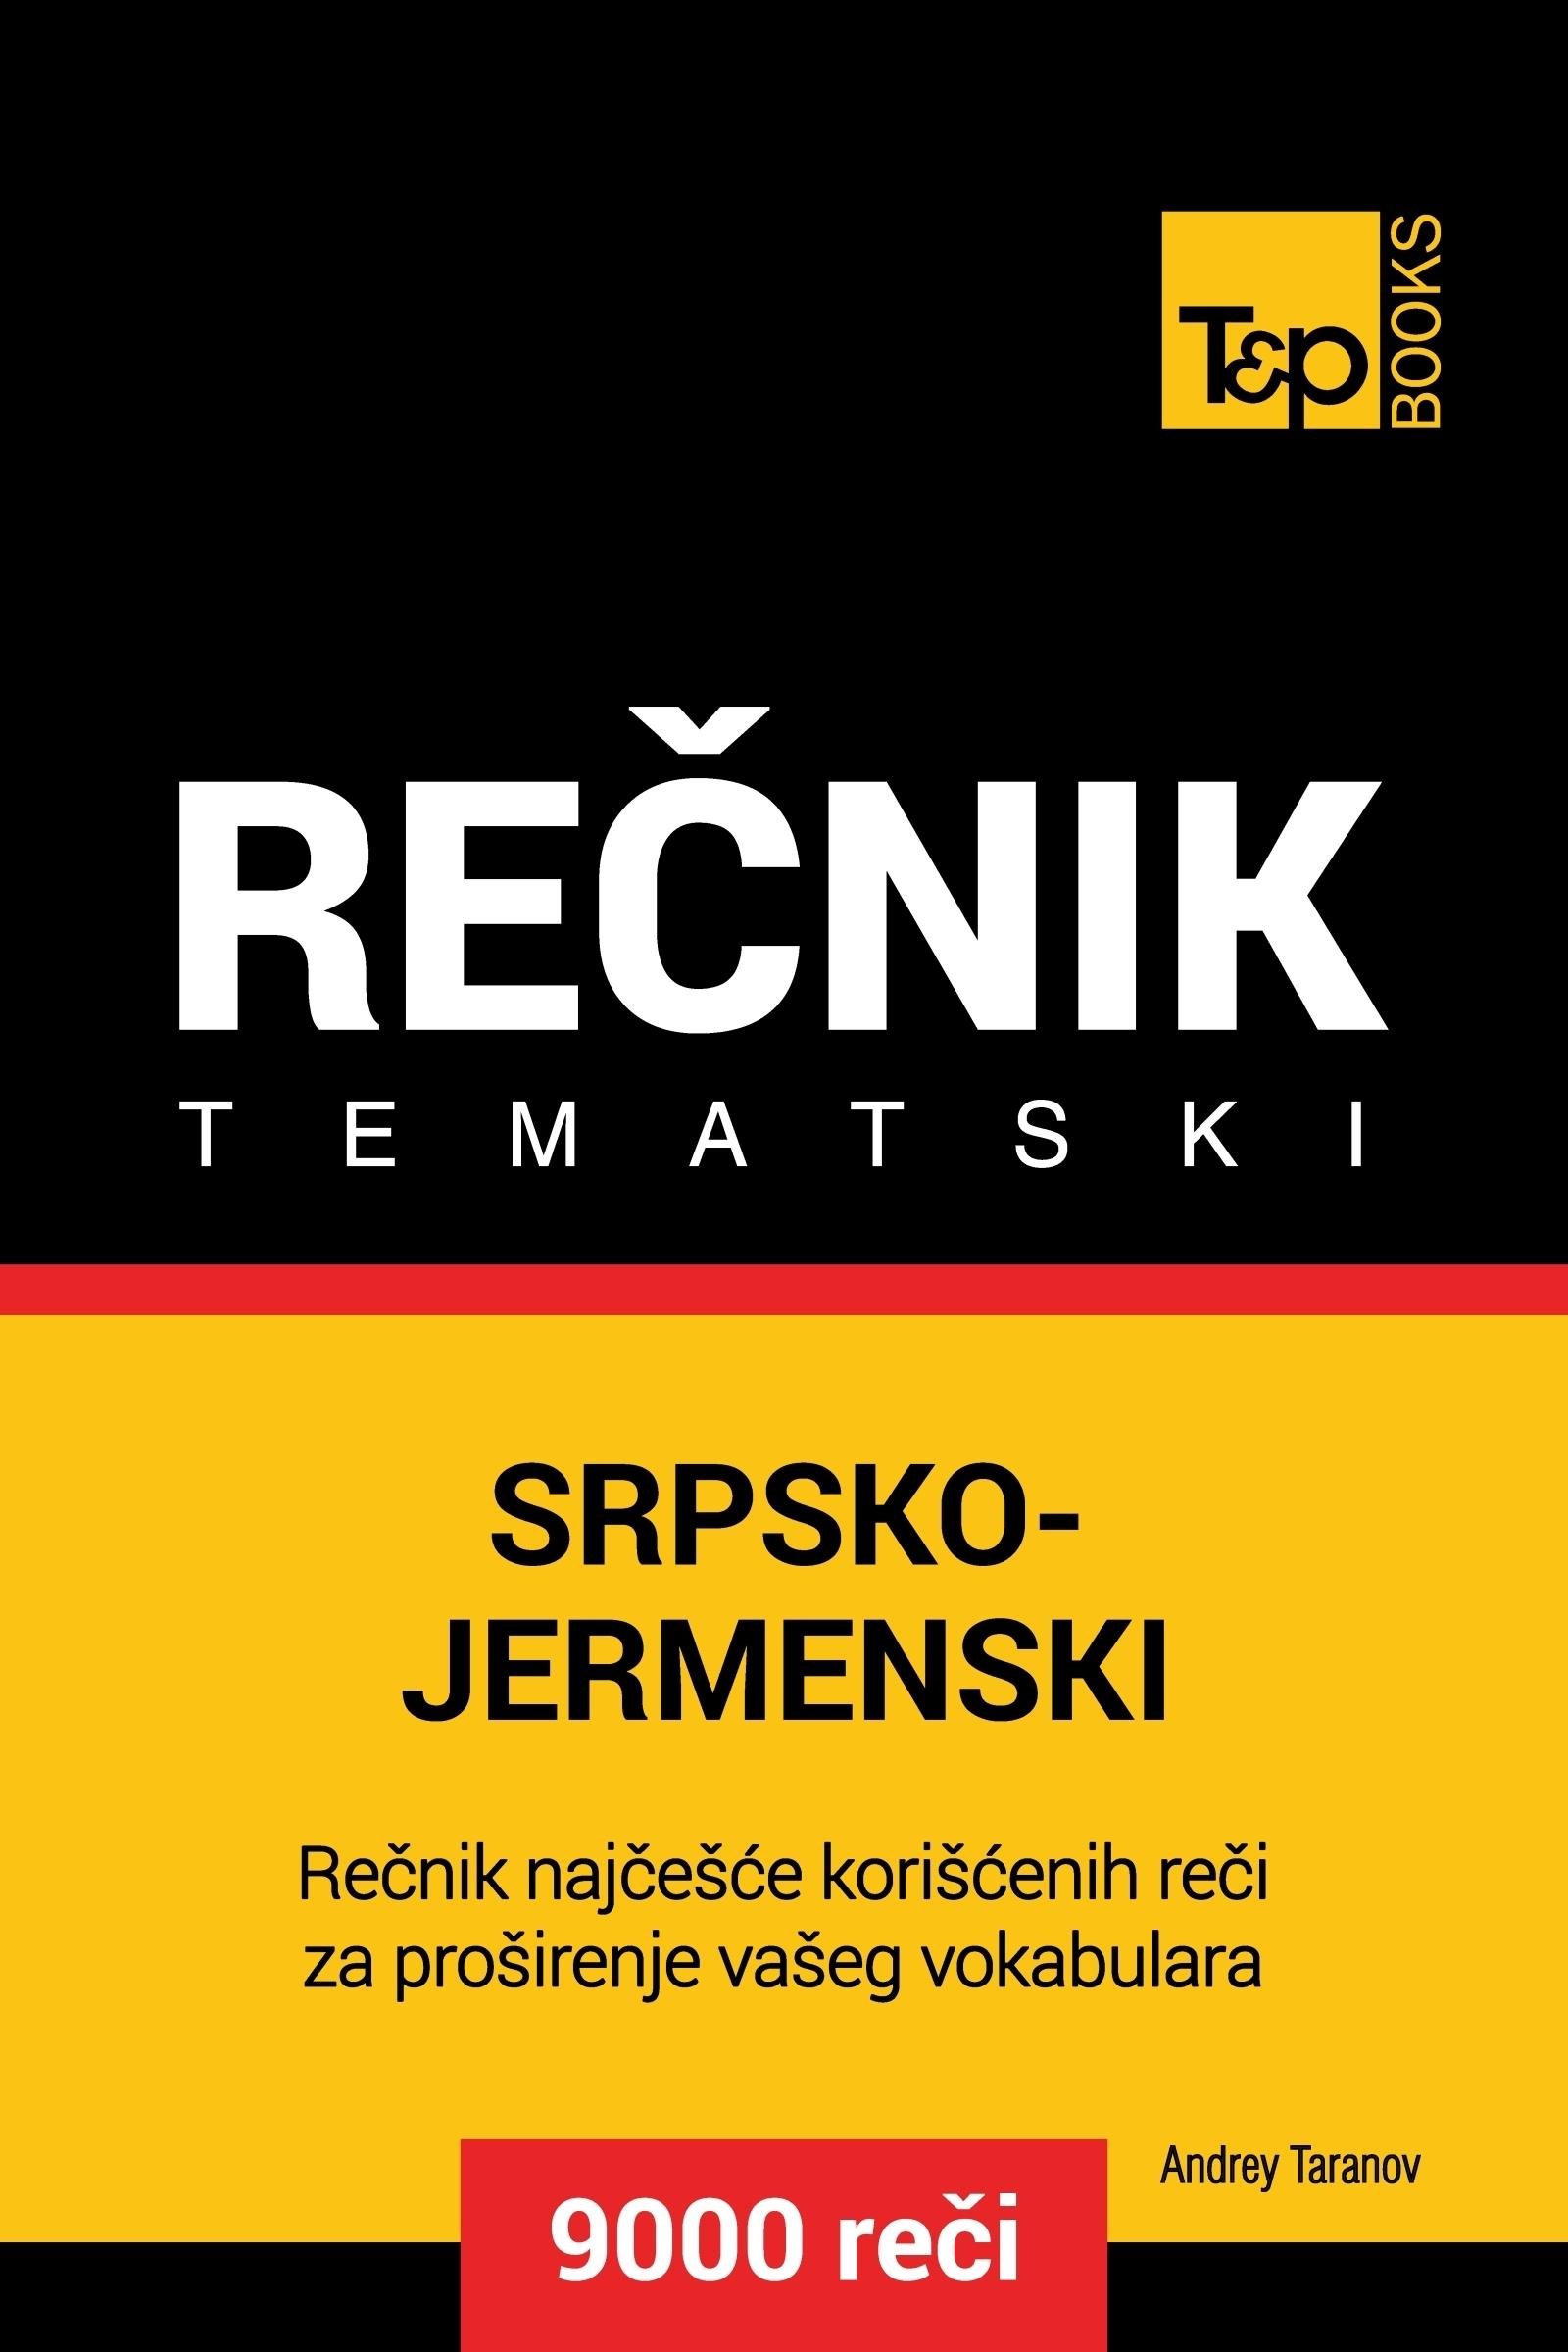 Srpsko-Jermenski tematski rečnik: 9000 korisnih reči  by  Andrey Taranov